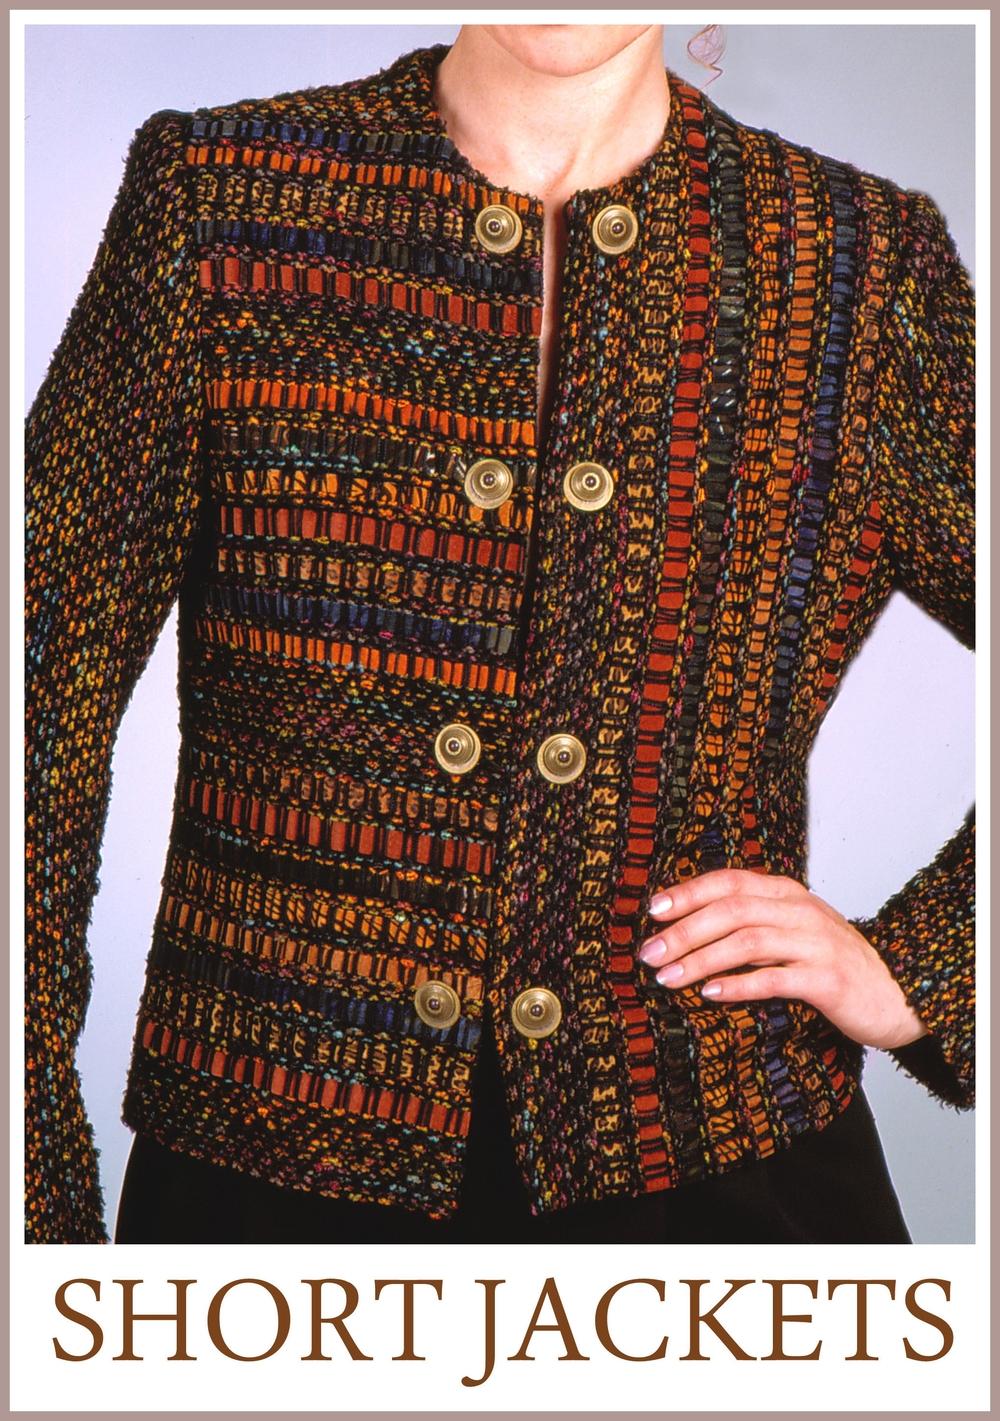 Kathy Weir-West, Artist, Weaver, Fashion Designer 3.jpg